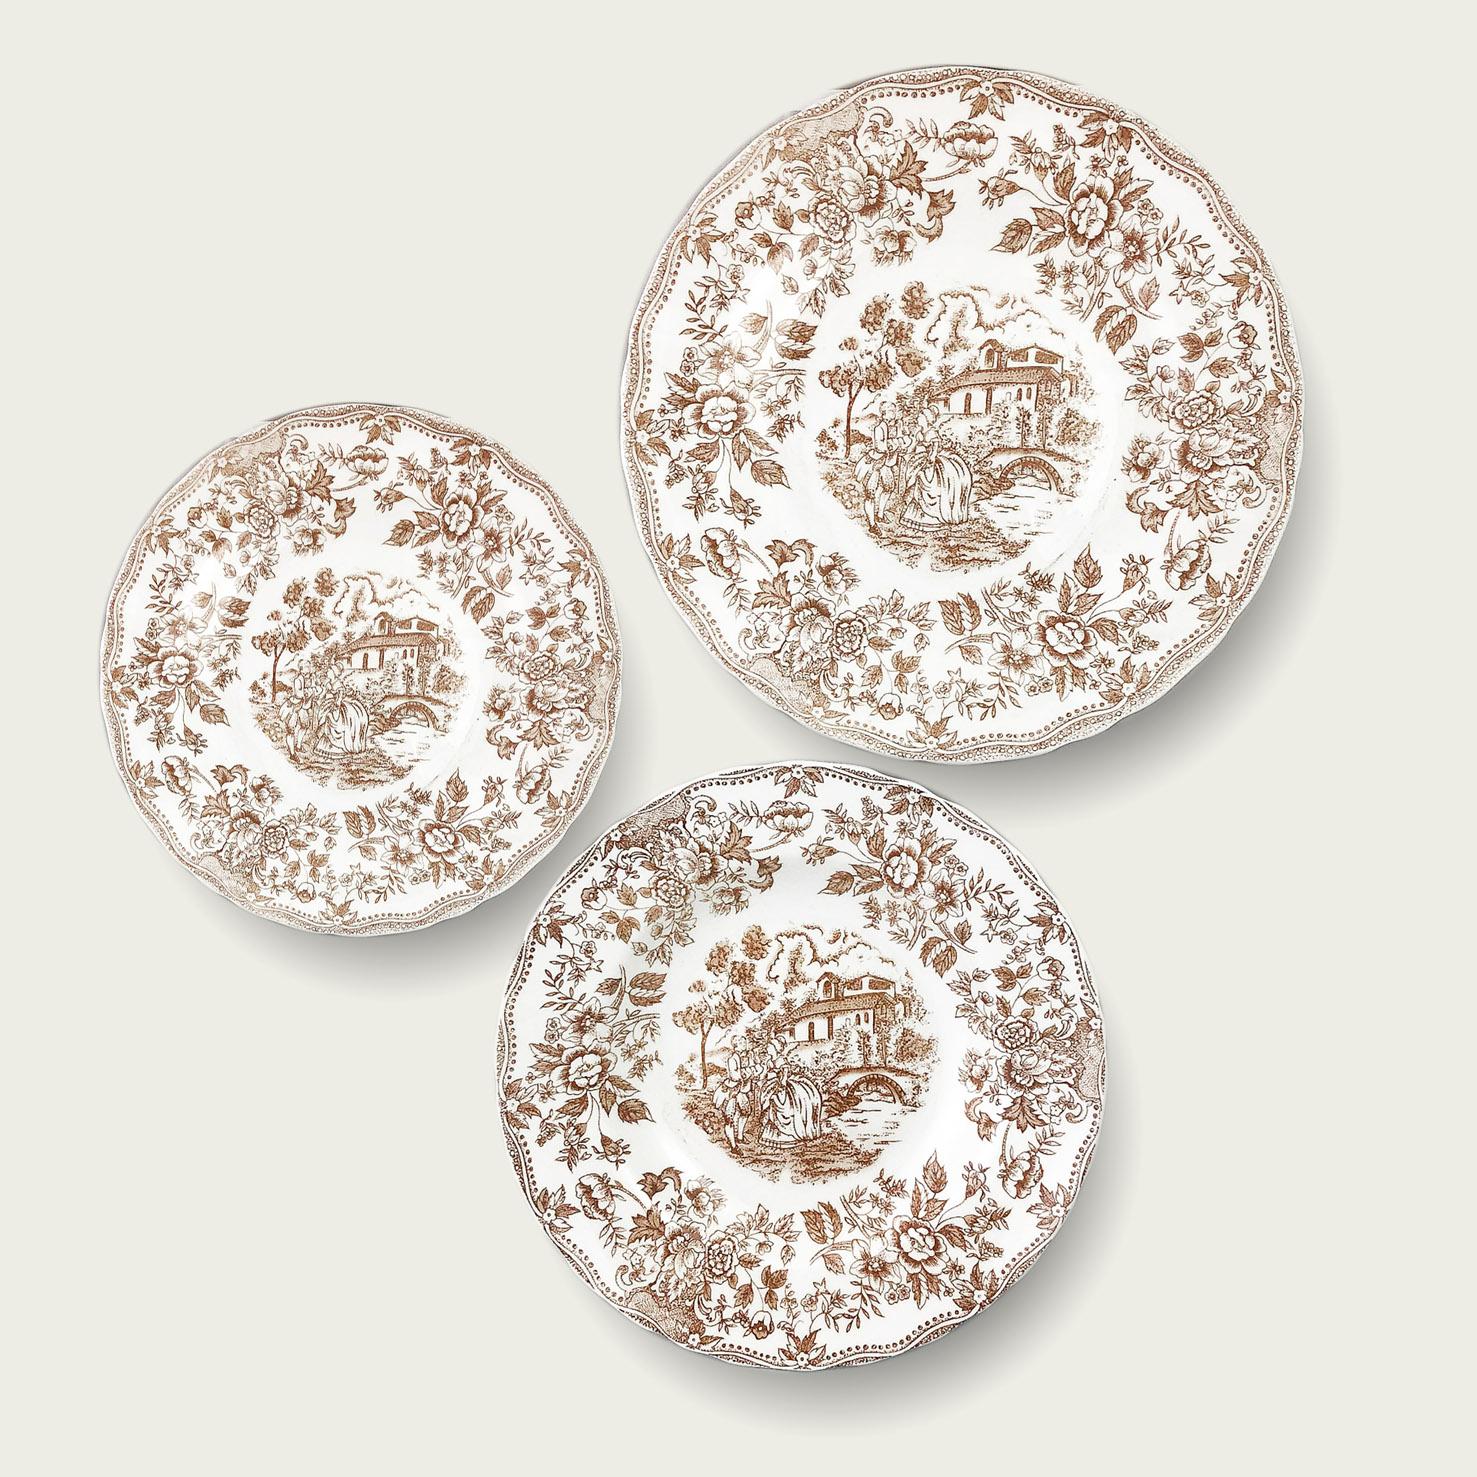 Piatto in porcellana - forma tradizionale - linea inglese tortora